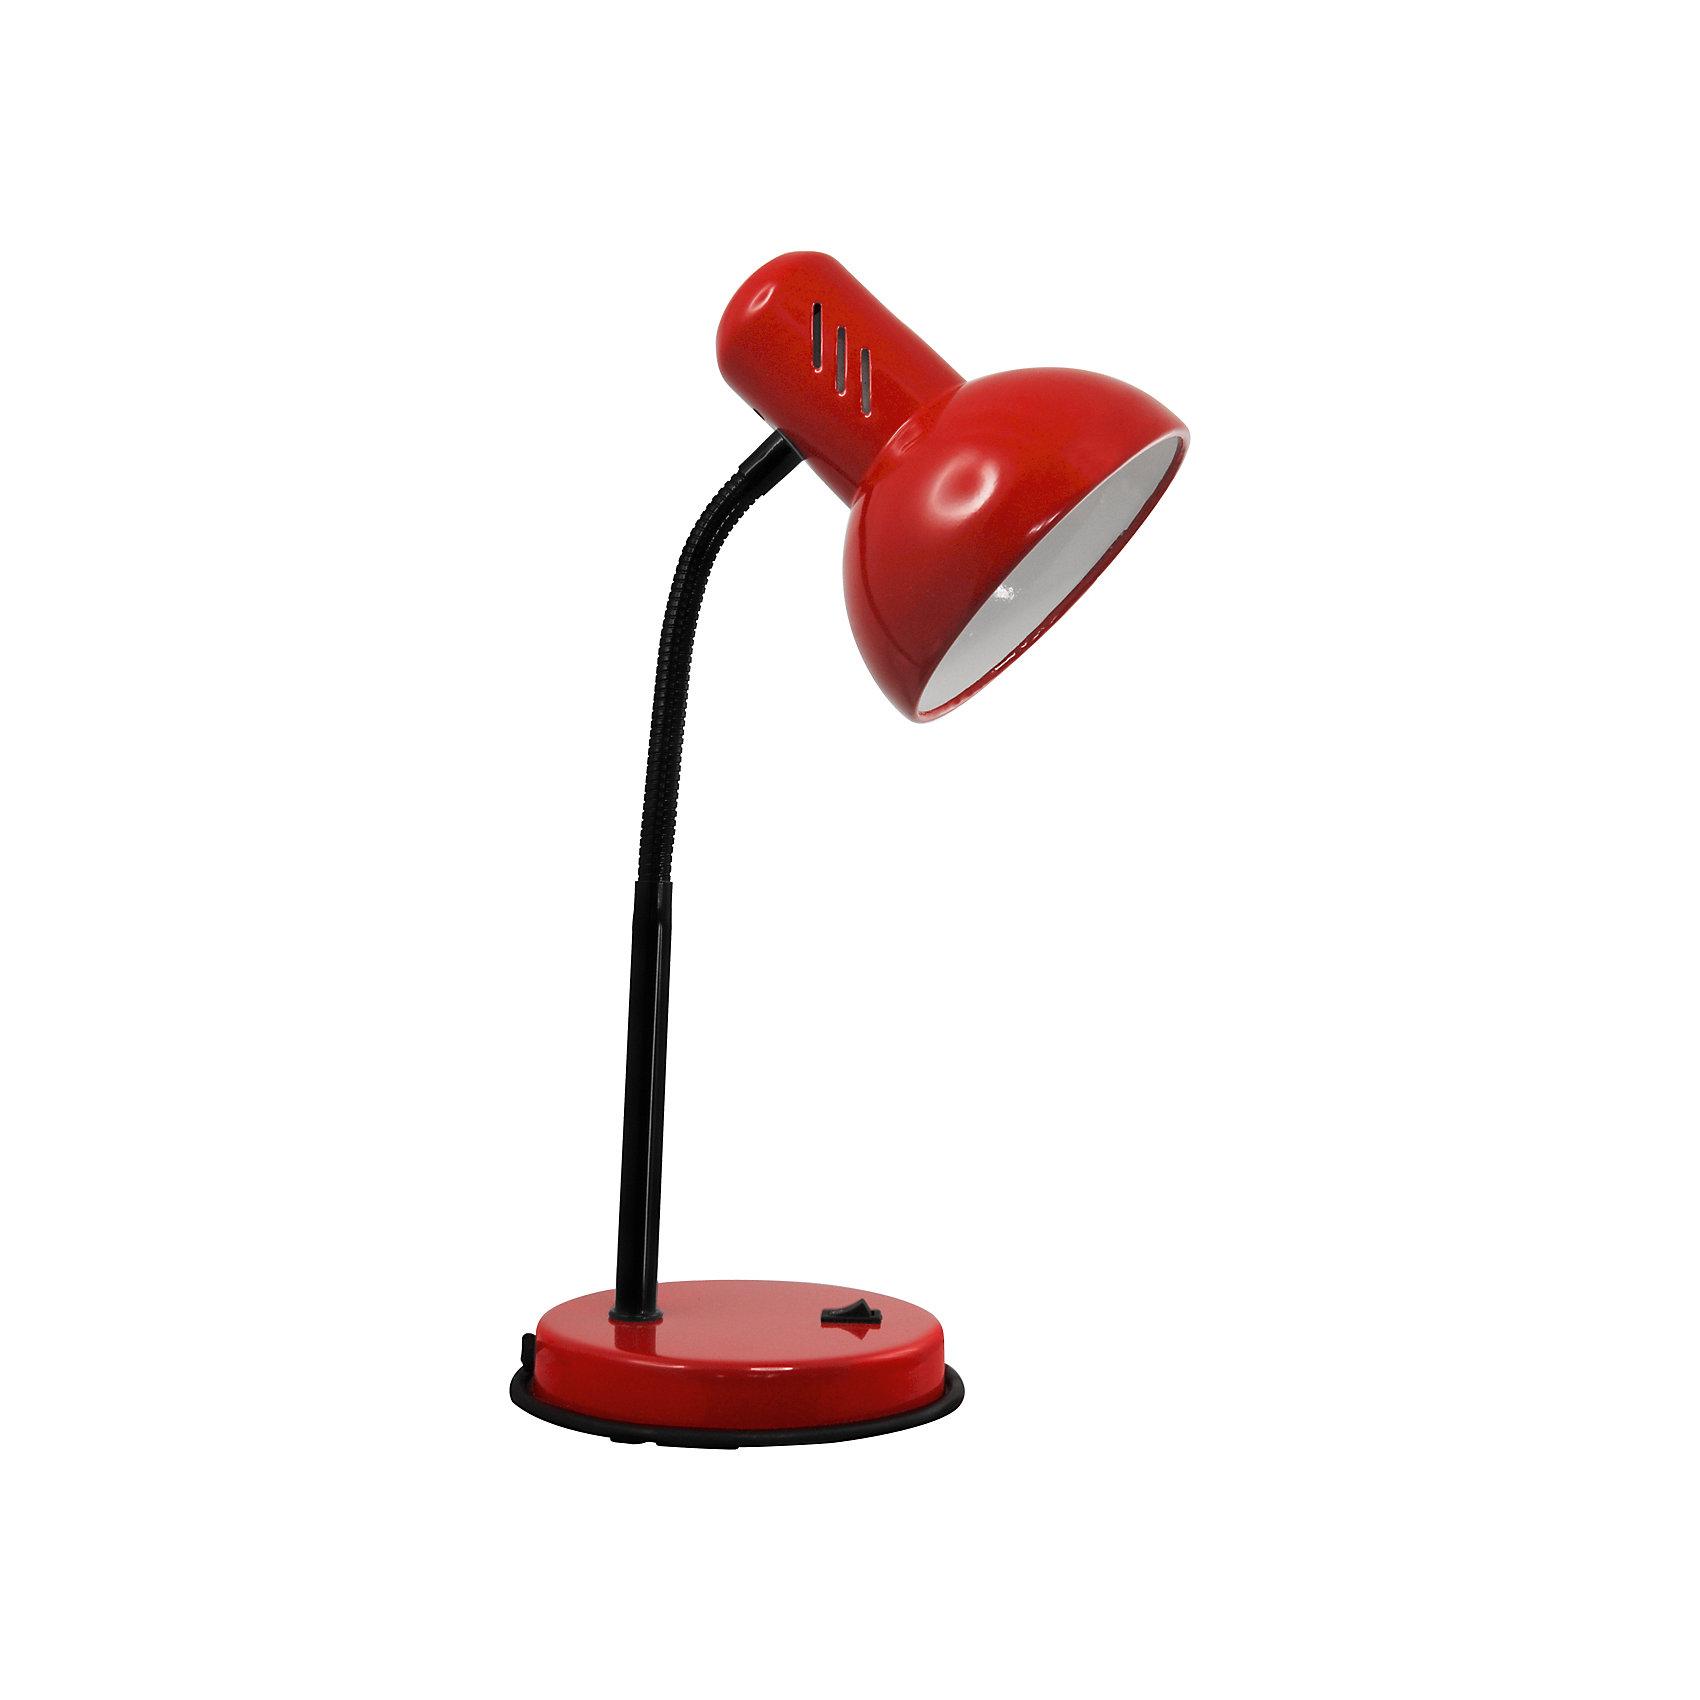 Красный светильник, 40 ВтЛампы, ночники, фонарики<br>Красный светильник, 40 Вт – это классический светильник для освещения рабочего стола.<br>Красный светильник классического дизайна идеально подойдет для освещения рабочего места дома и в офисе. Плафон изготовлен из облегчённого металла, покрыт специальной устойчивой эмалью. Патрон светильника прочно закреплён, изготовлен из керамики. Сетевой шнур с вилкой длиной 1,8м. имеет двойную изоляцию, не требует заземления. Вилка изготовлена из пластичного материала, предотвращающего появление трещин. Светильник удобен и практичен в использовании.<br><br>Дополнительная информация: <br><br>- Материал плафона: металл<br>- Цвет: красный<br>- Питание: от сети 220В<br>- Тип цоколя: E27<br>- Мощность лампы: 40 Вт<br>- Длина шнура питания с вилкой: 1,8 м.<br>- Размер светильника: 16х30х13,3 см.<br>- Размер упаковки: 26х22,5х16,3 см.<br>- Вес: 860 гр.<br><br>Красный светильник, 40 Вт можно купить в нашем интернет-магазине.<br><br>Ширина мм: 260<br>Глубина мм: 225<br>Высота мм: 163<br>Вес г: 860<br>Возраст от месяцев: 36<br>Возраст до месяцев: 192<br>Пол: Унисекс<br>Возраст: Детский<br>SKU: 4641468